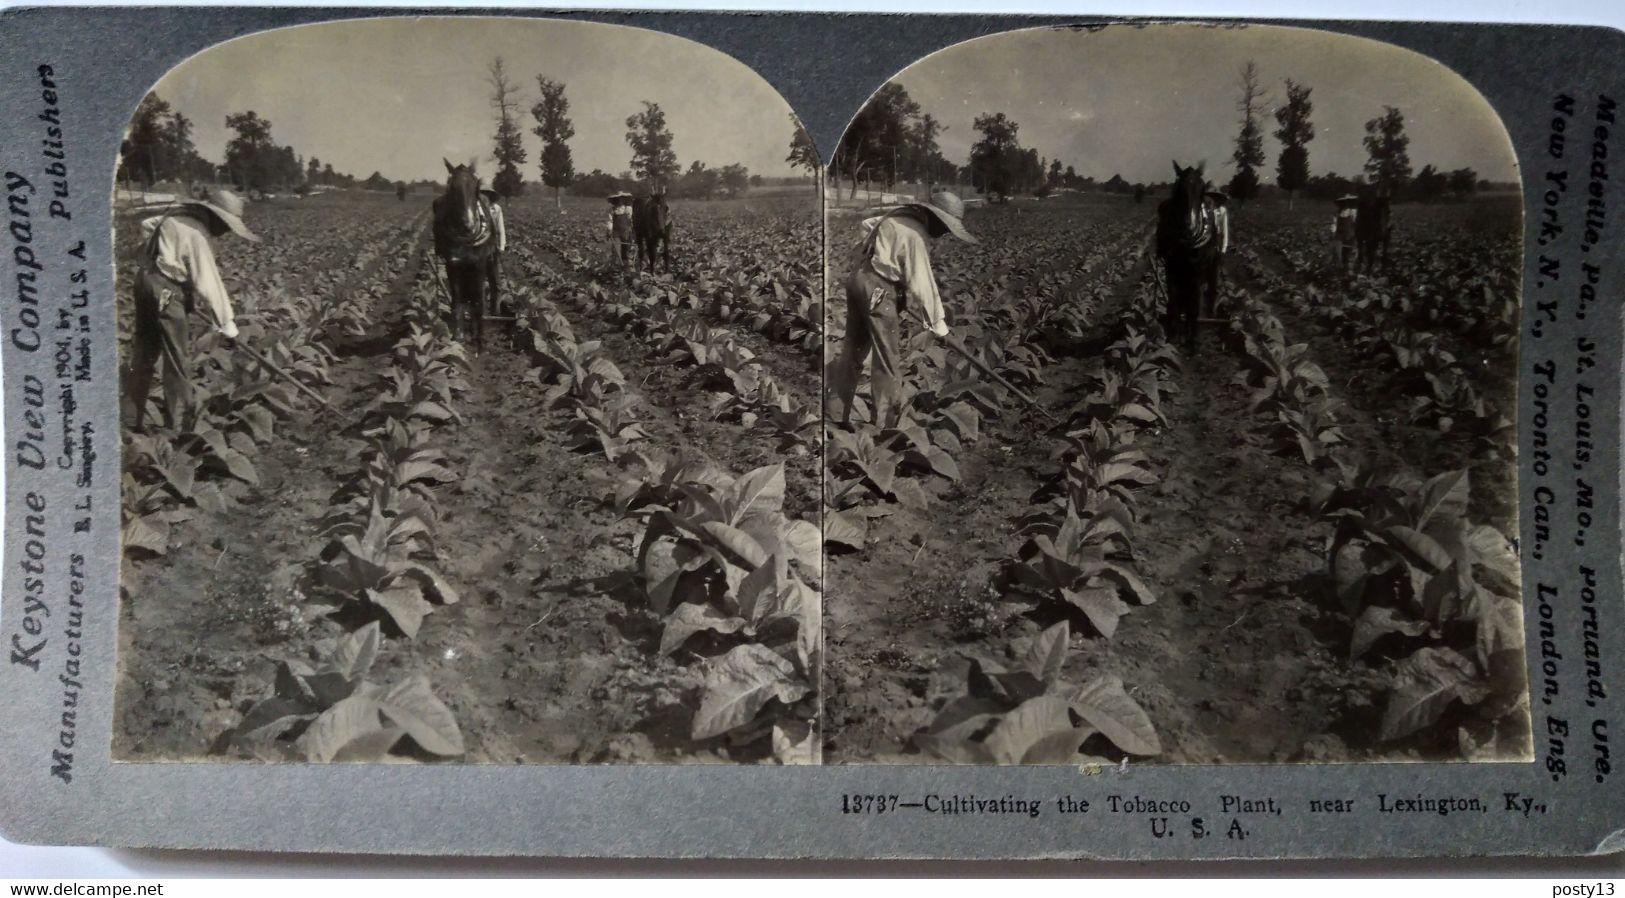 PHOTO STÉRÉO USA - Culture Du Tabac - Scène Rurale - Près De Lexington - Cliché De Singley - 1904 - Ed. Keystone - TBE - Stereoscopio